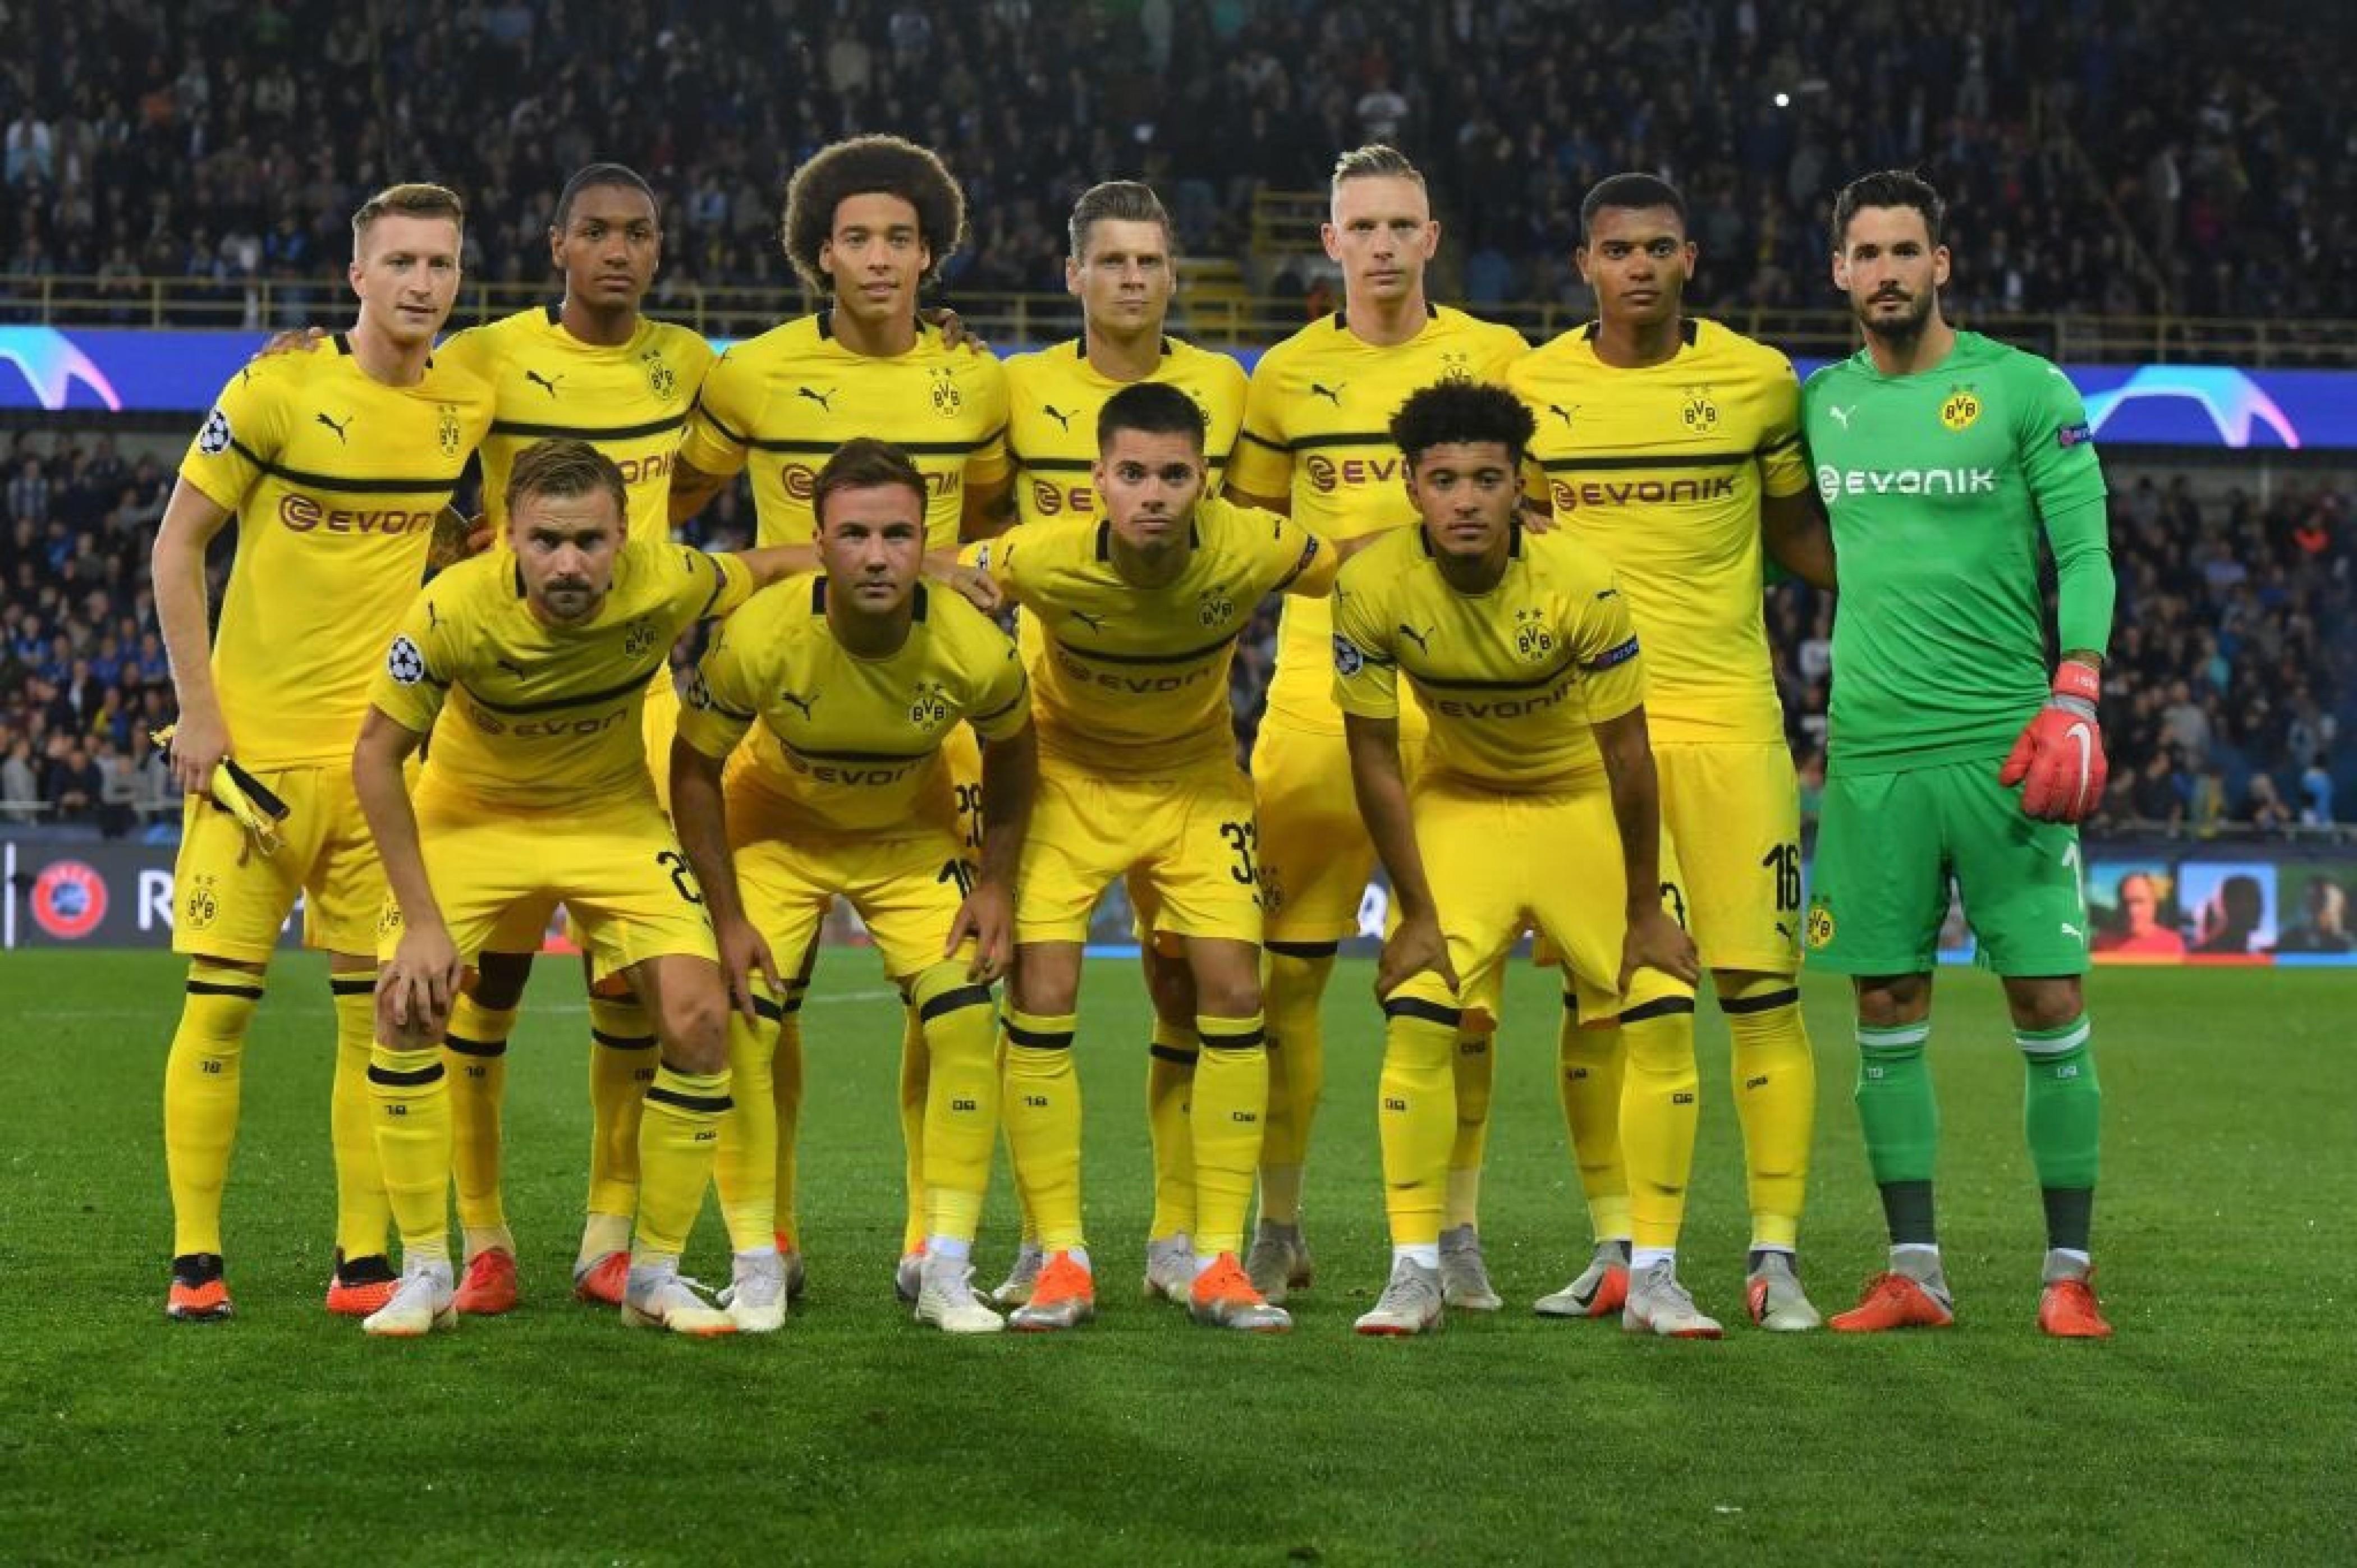 Champions League - Dortmund di misura, avvio col botto per il Galatasaray